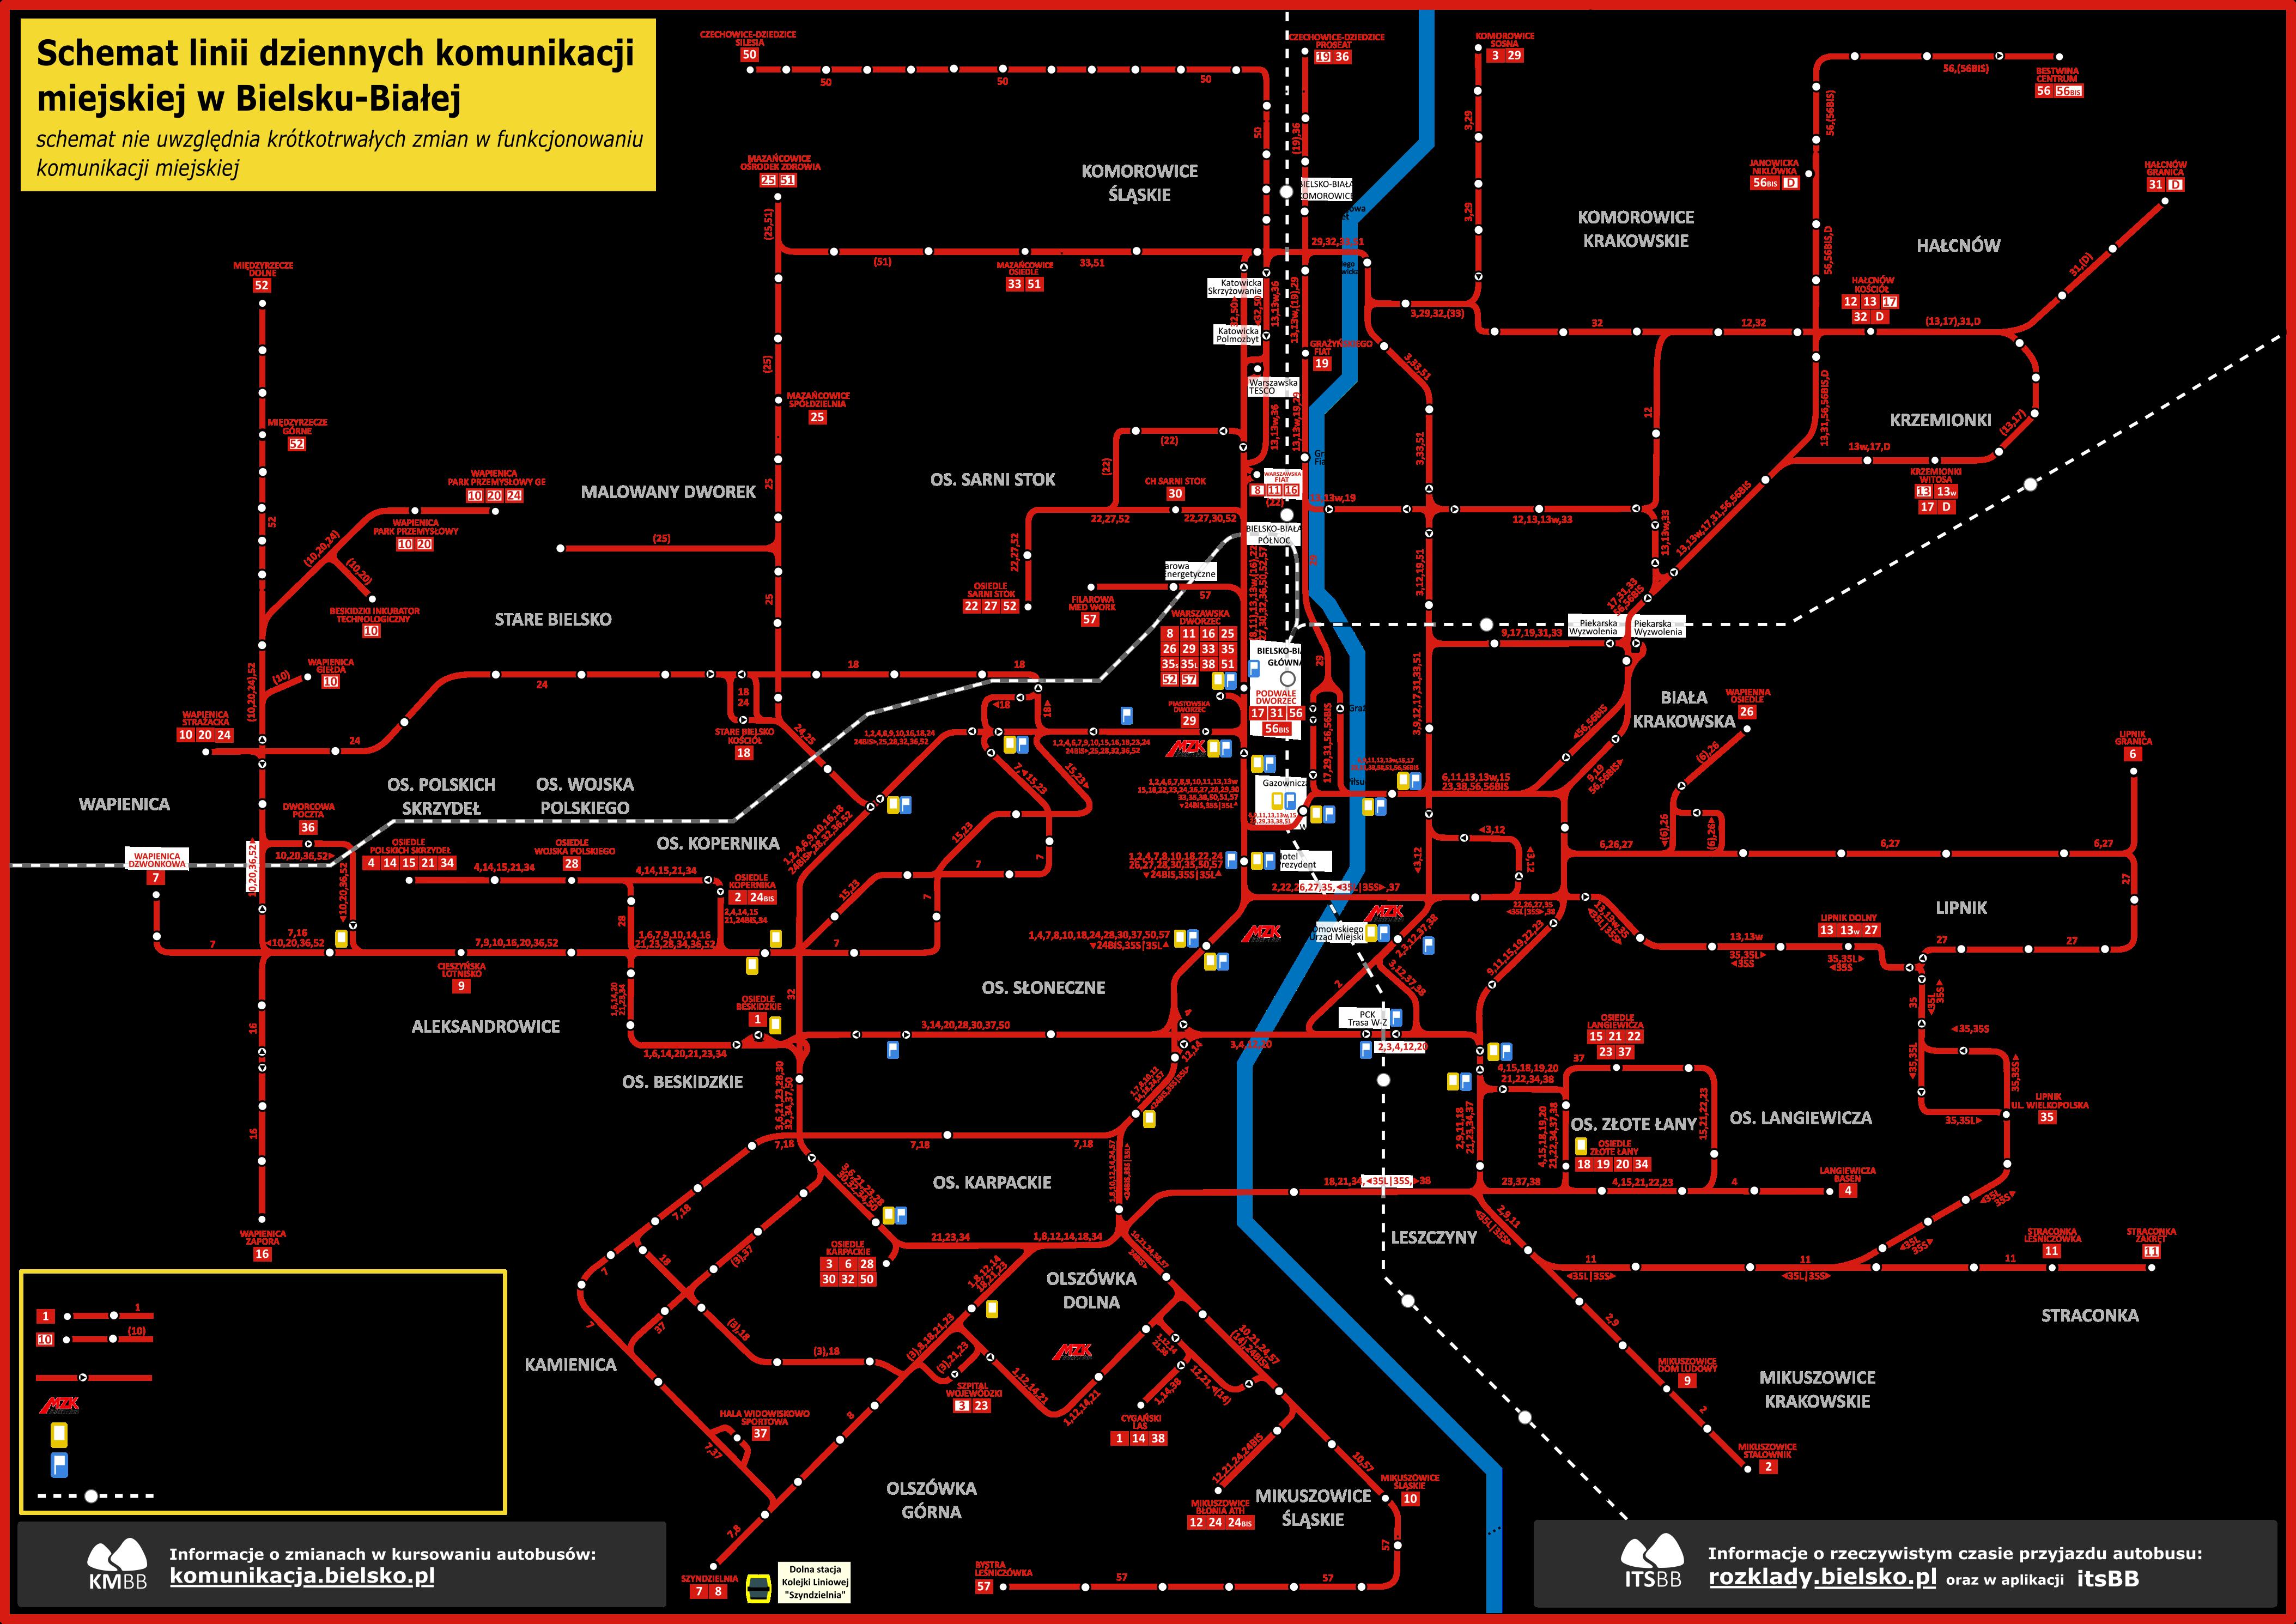 schemat sieci MZK 2020